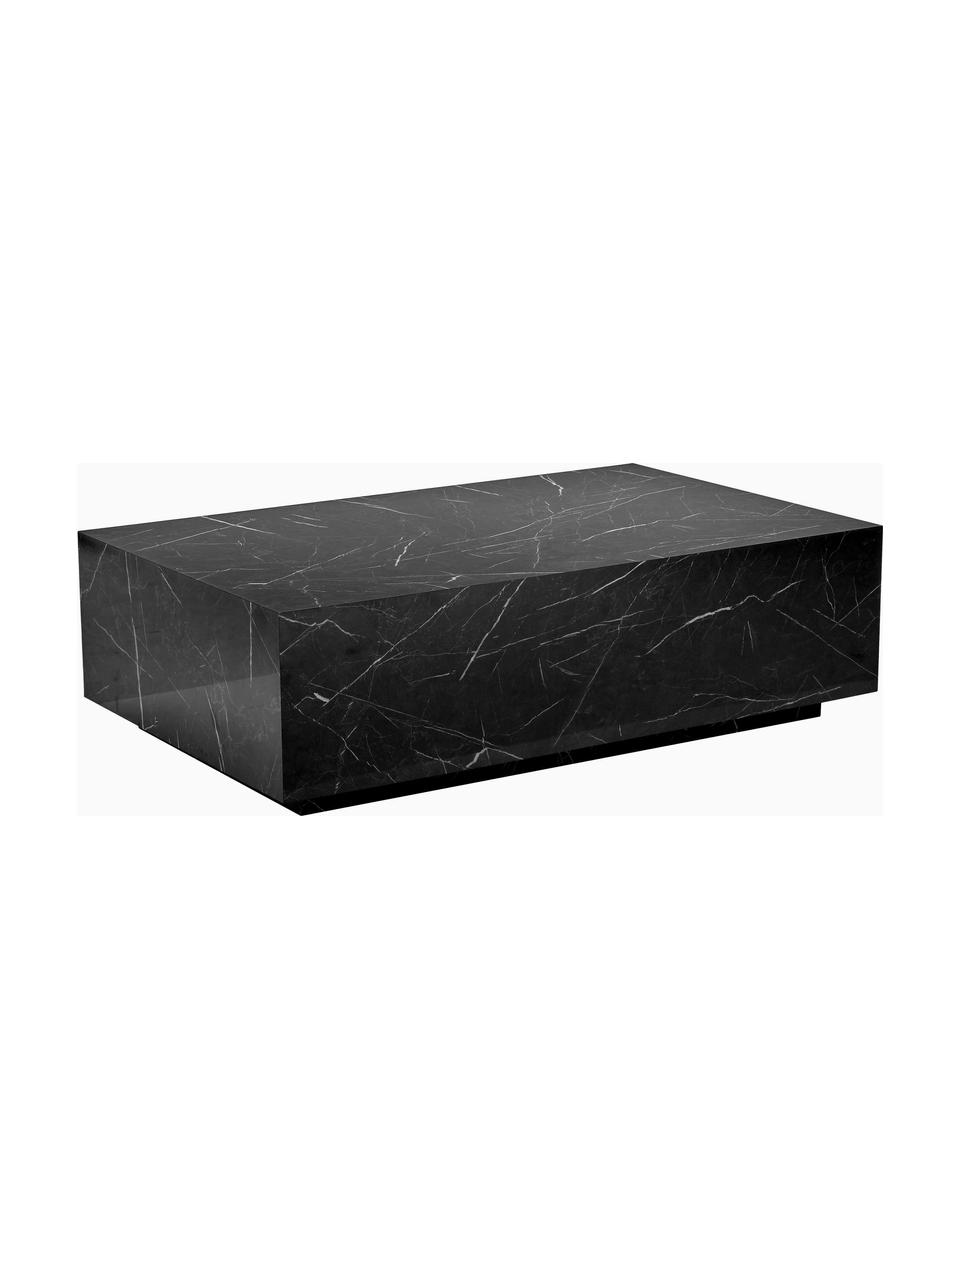 Stolik kawowy z imitacją marmuru Lesley, Płyta pilśniowa średniej gęstości (MDF) pokryta folią melaminową, Czarny, imitacja marmuru, S 120 x W 35 cm